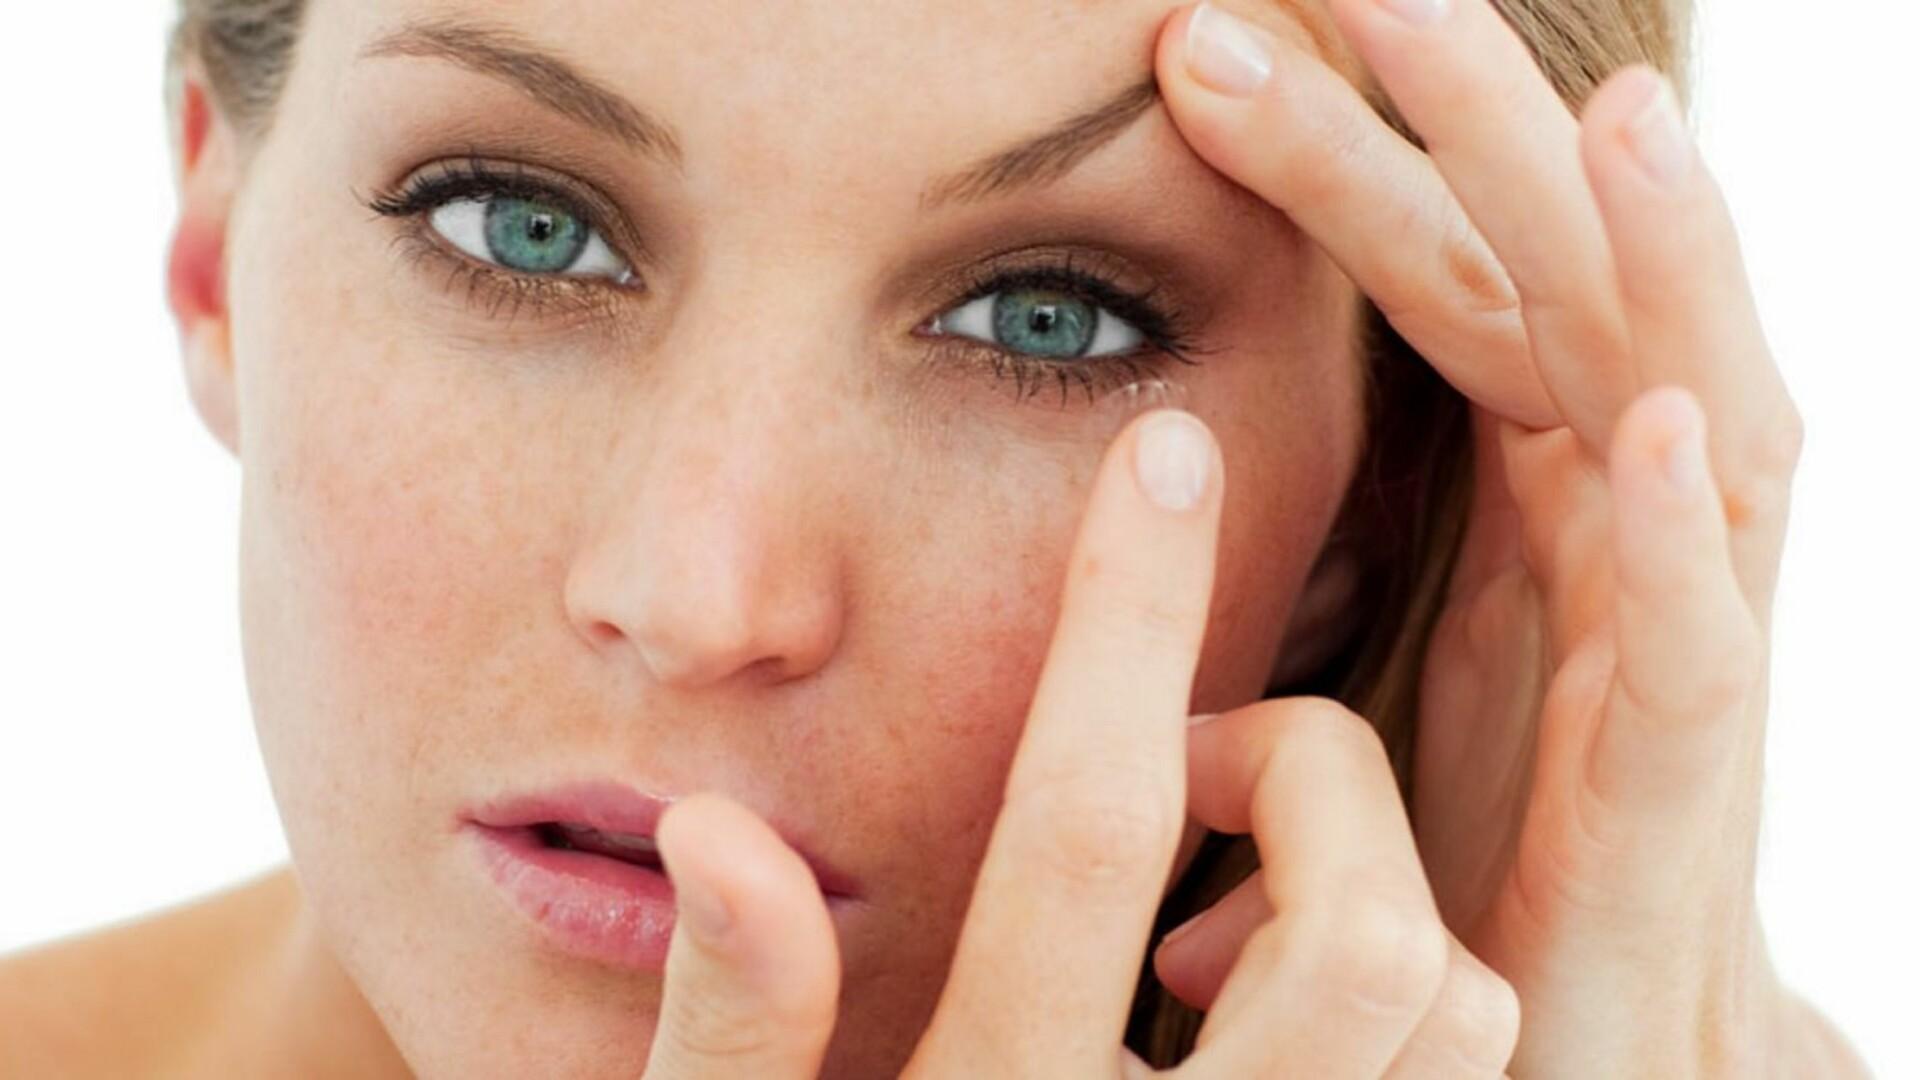 a8bbc5d810aa - Du kan få gnagsår under øyelokket - Helse